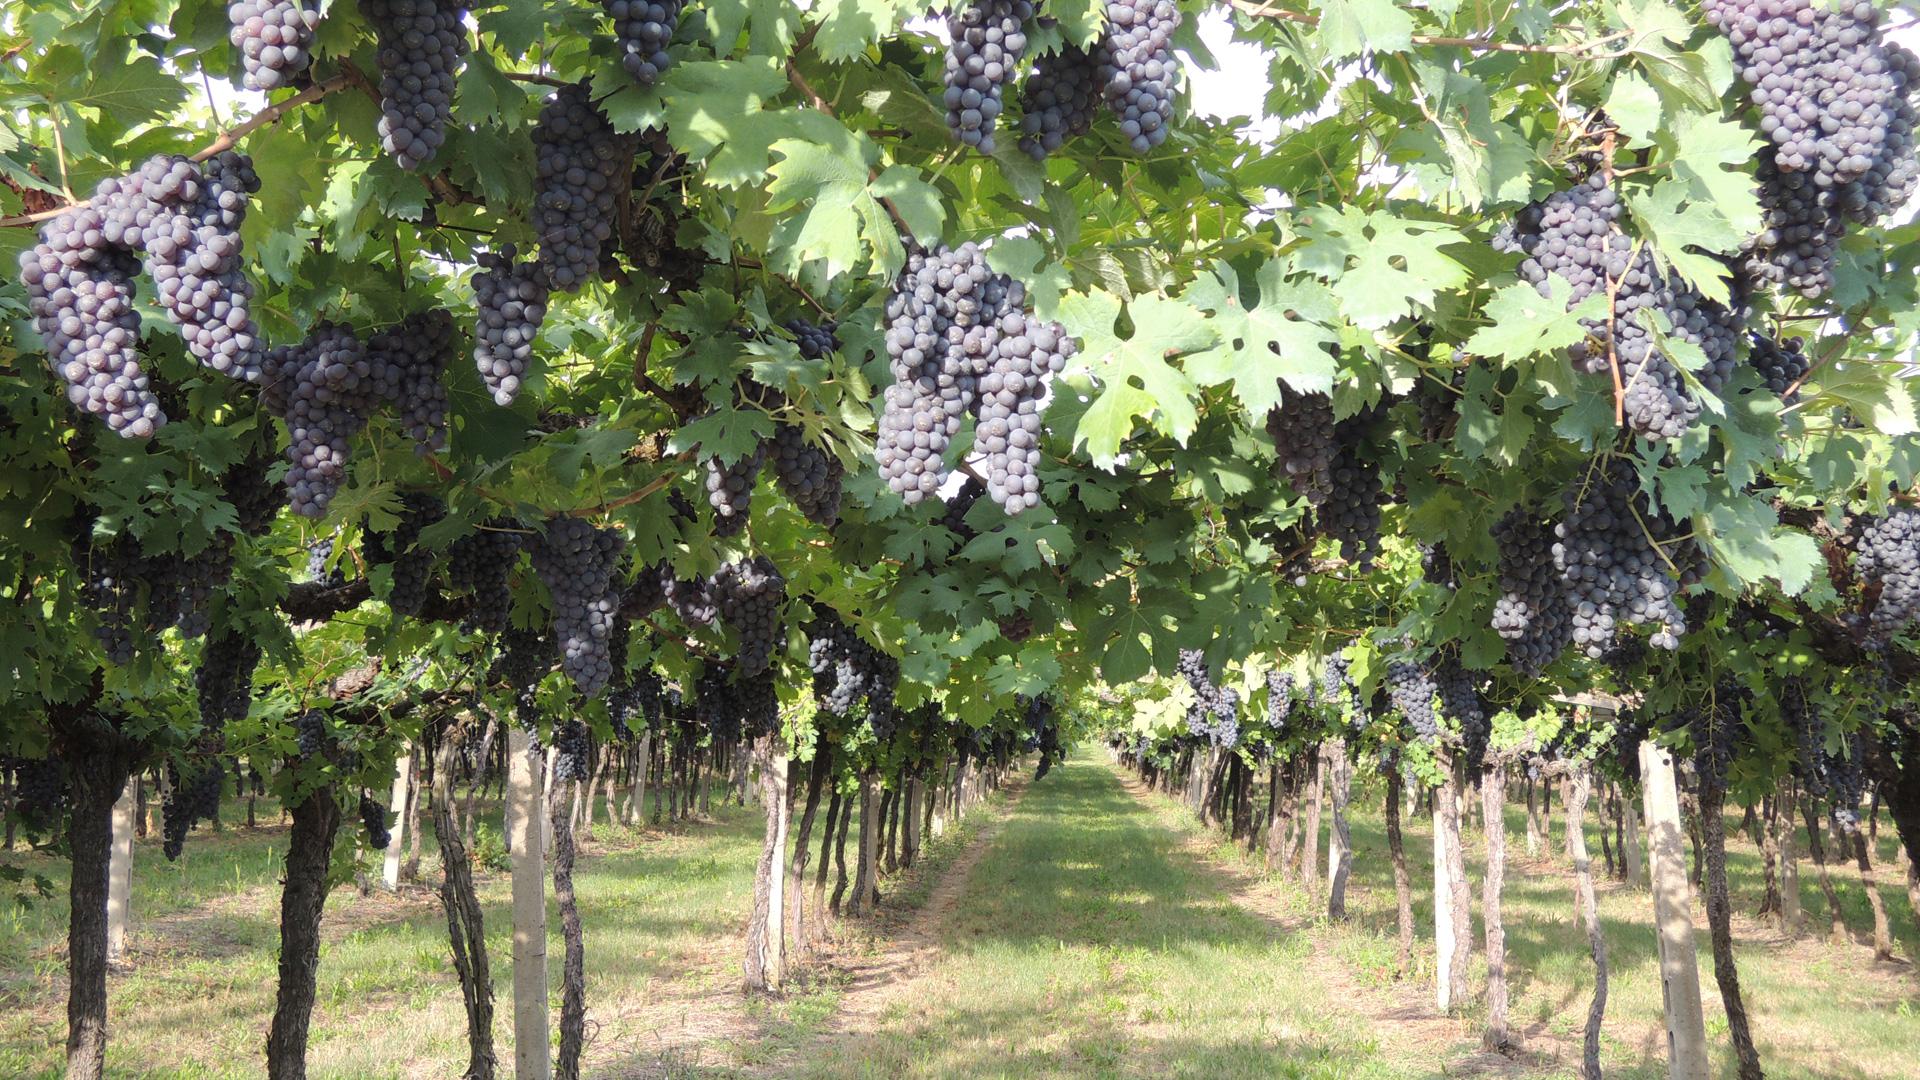 druivengroei volgens het aloude pergolasysteem